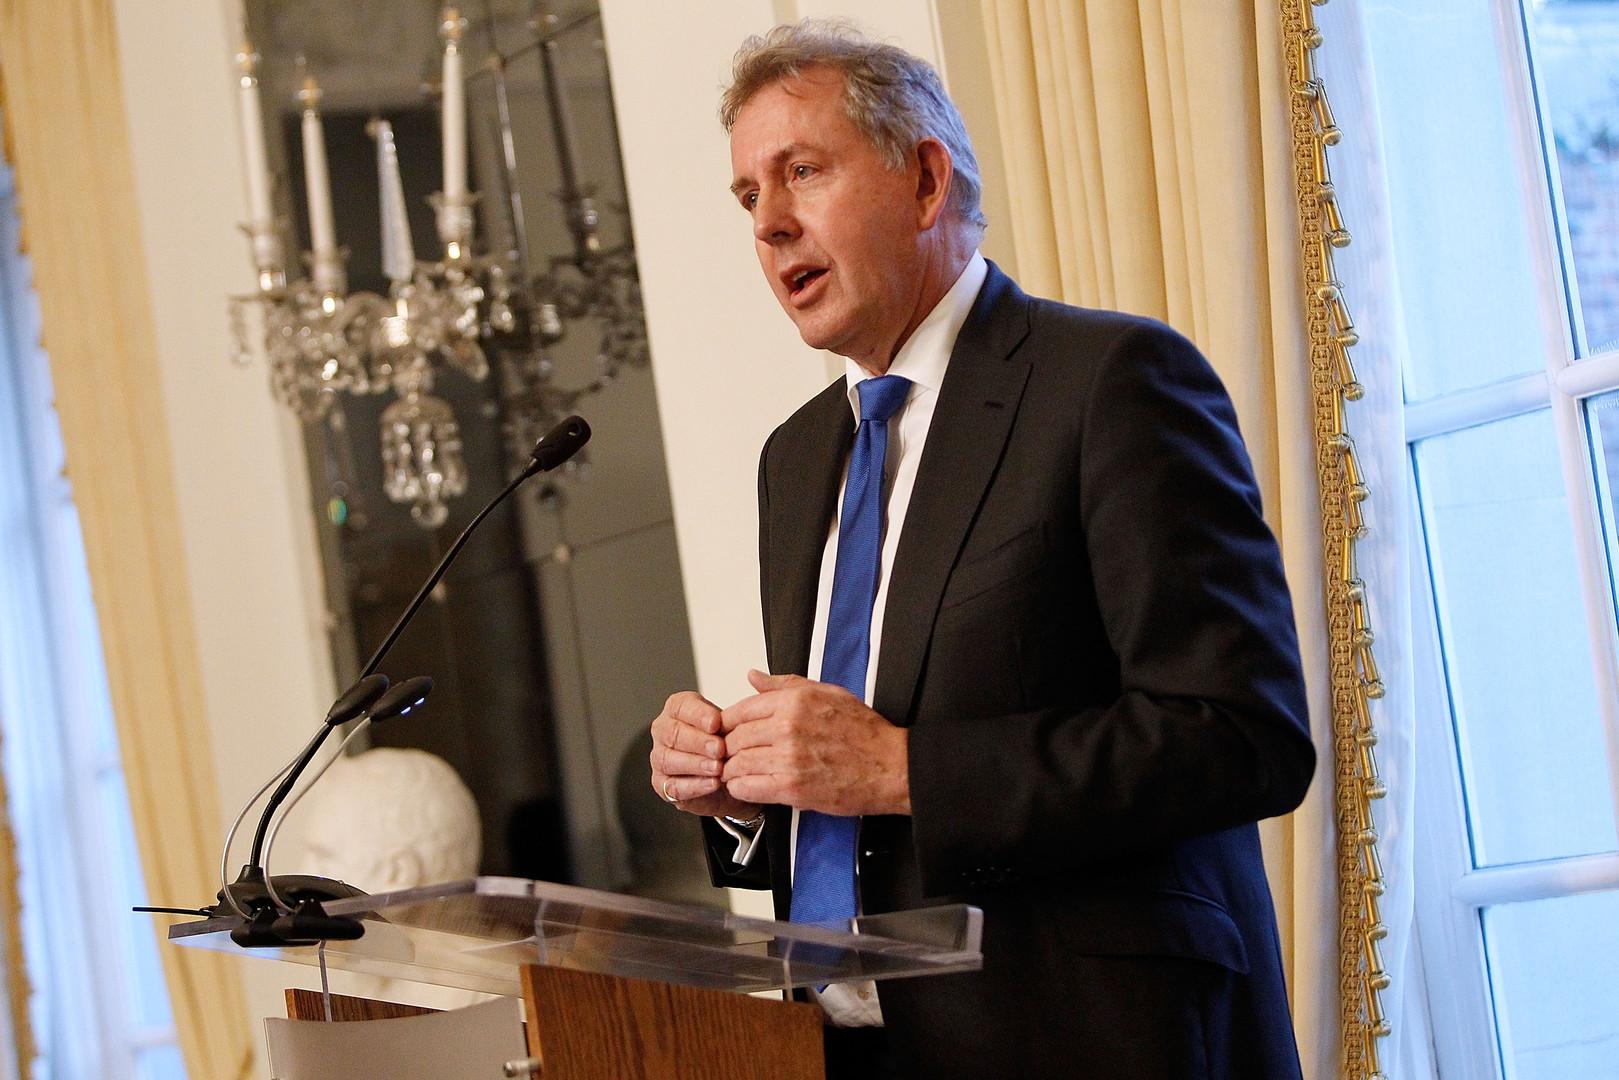 السفير البريطاني لدى الولايات المتحدة، كيم داروك